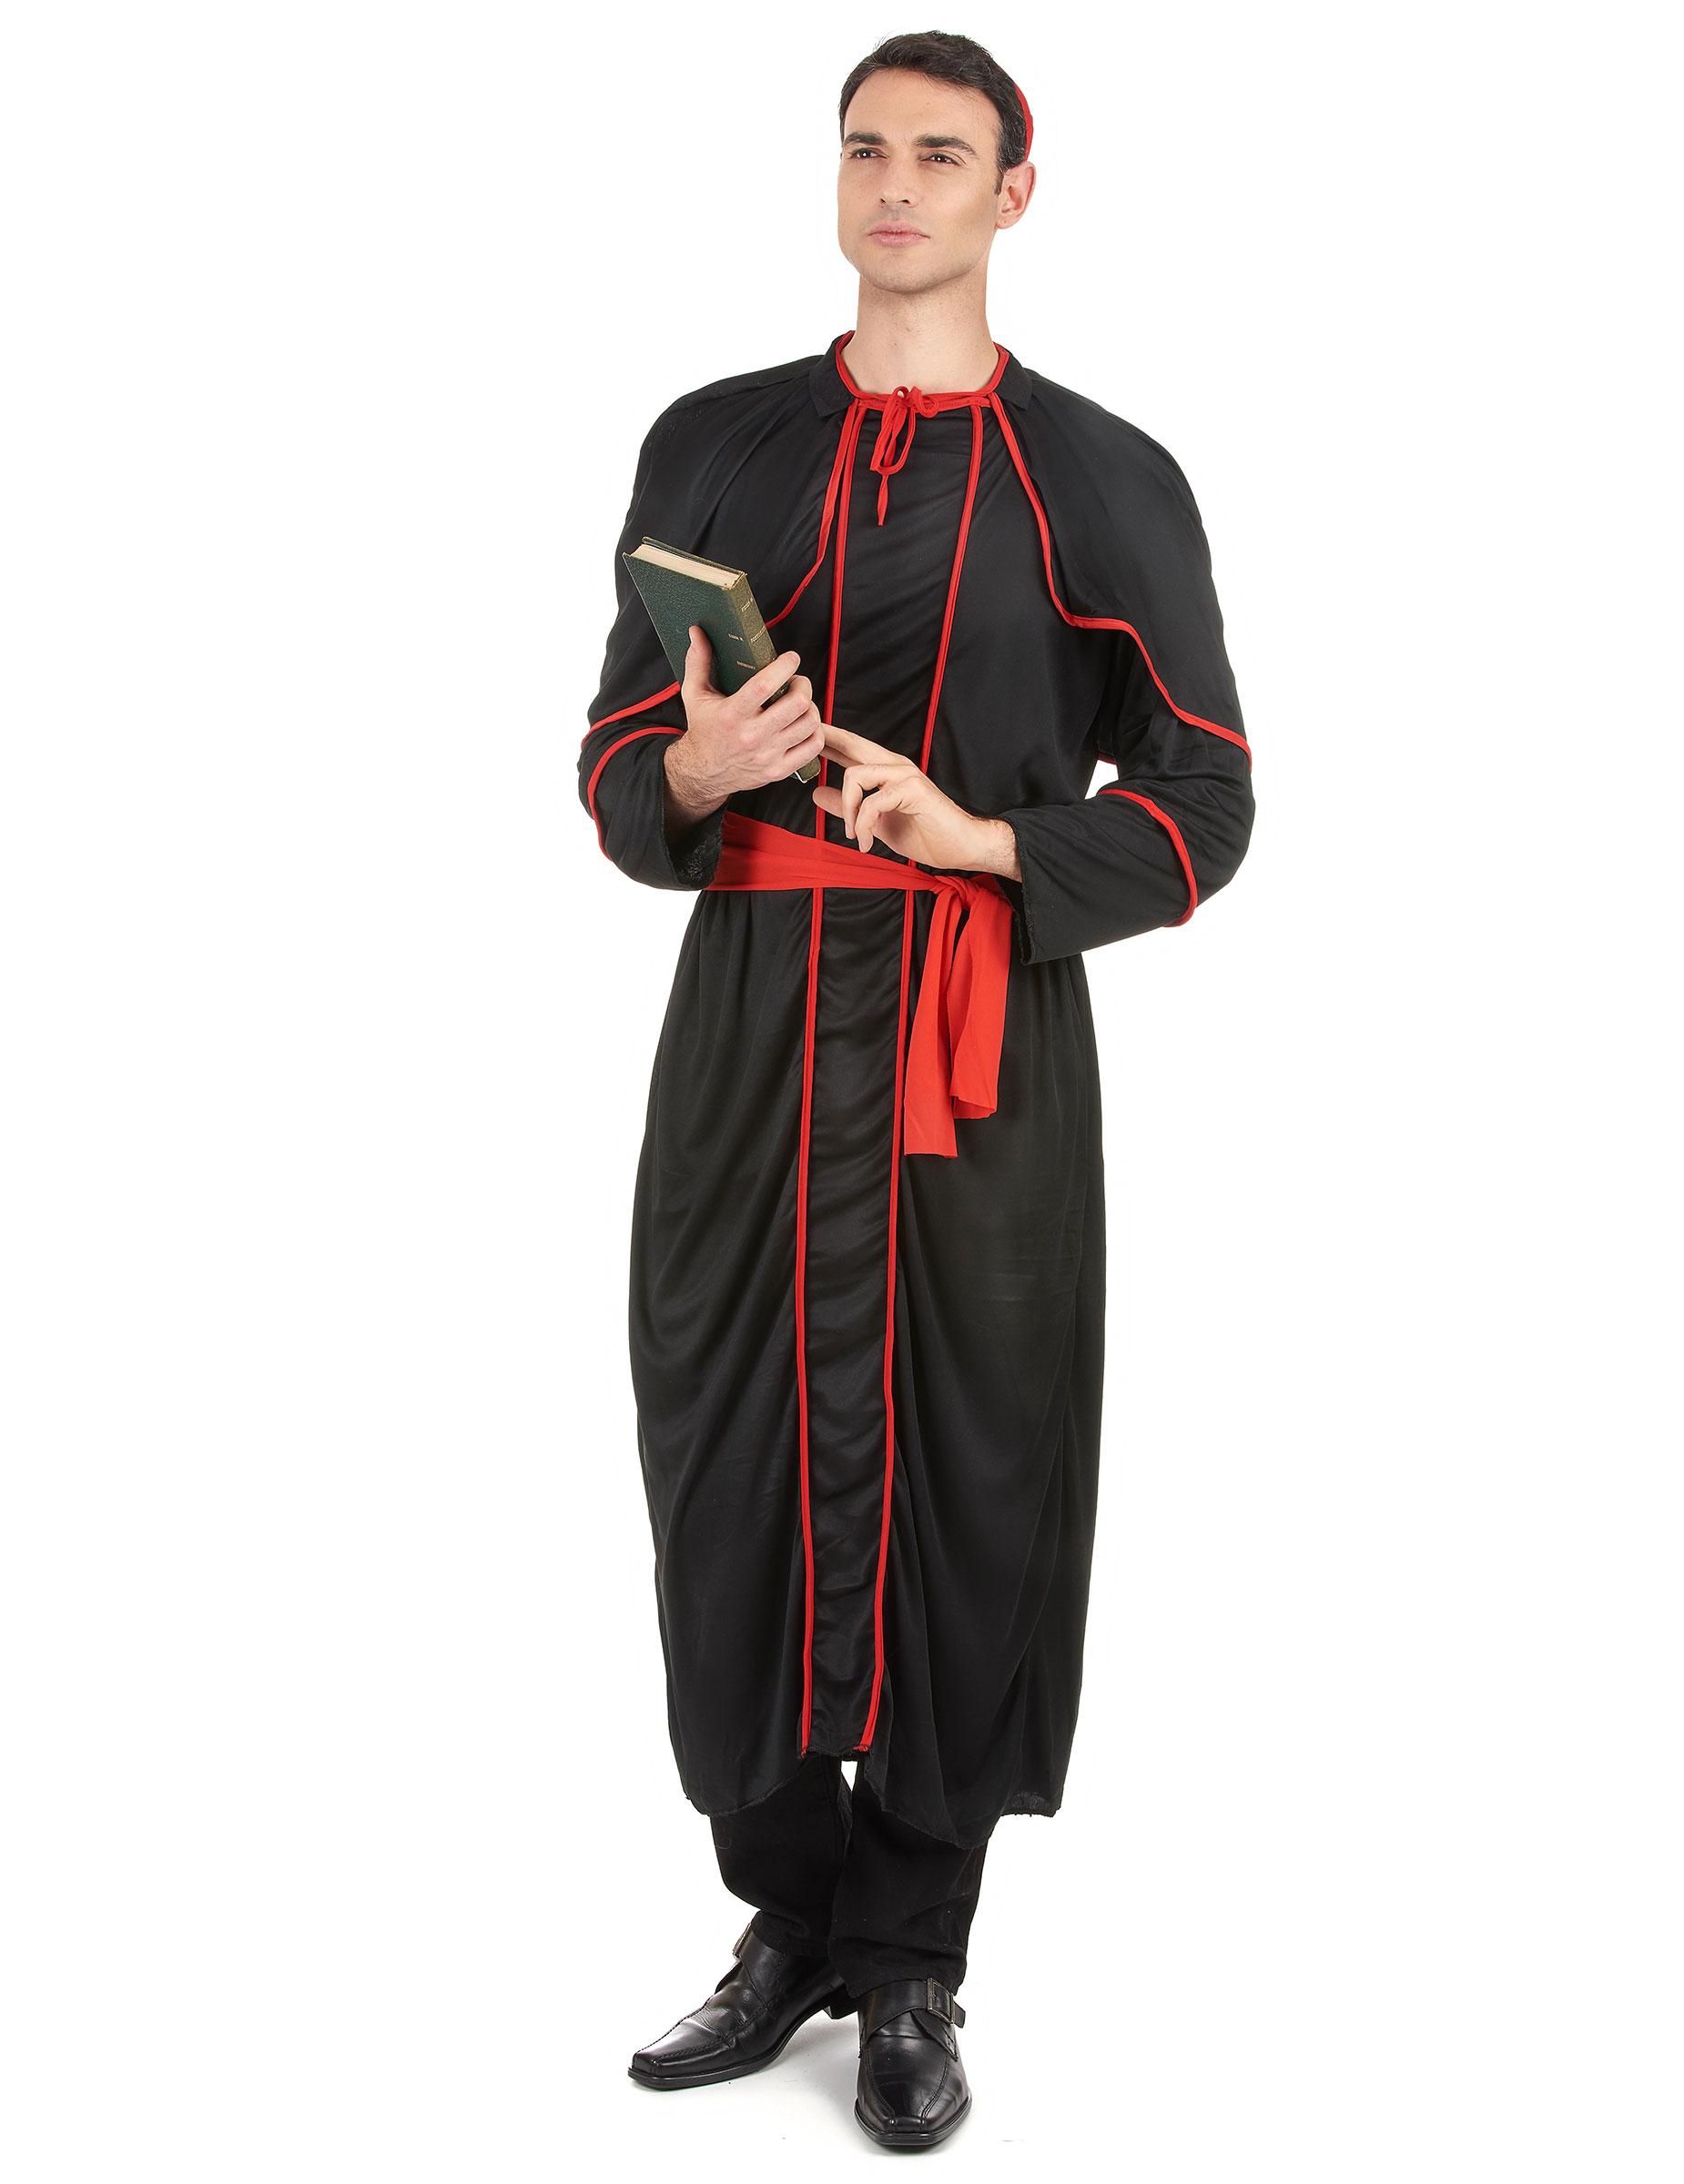 Costume da vescovo in nero per adulto 3f76c0a7662